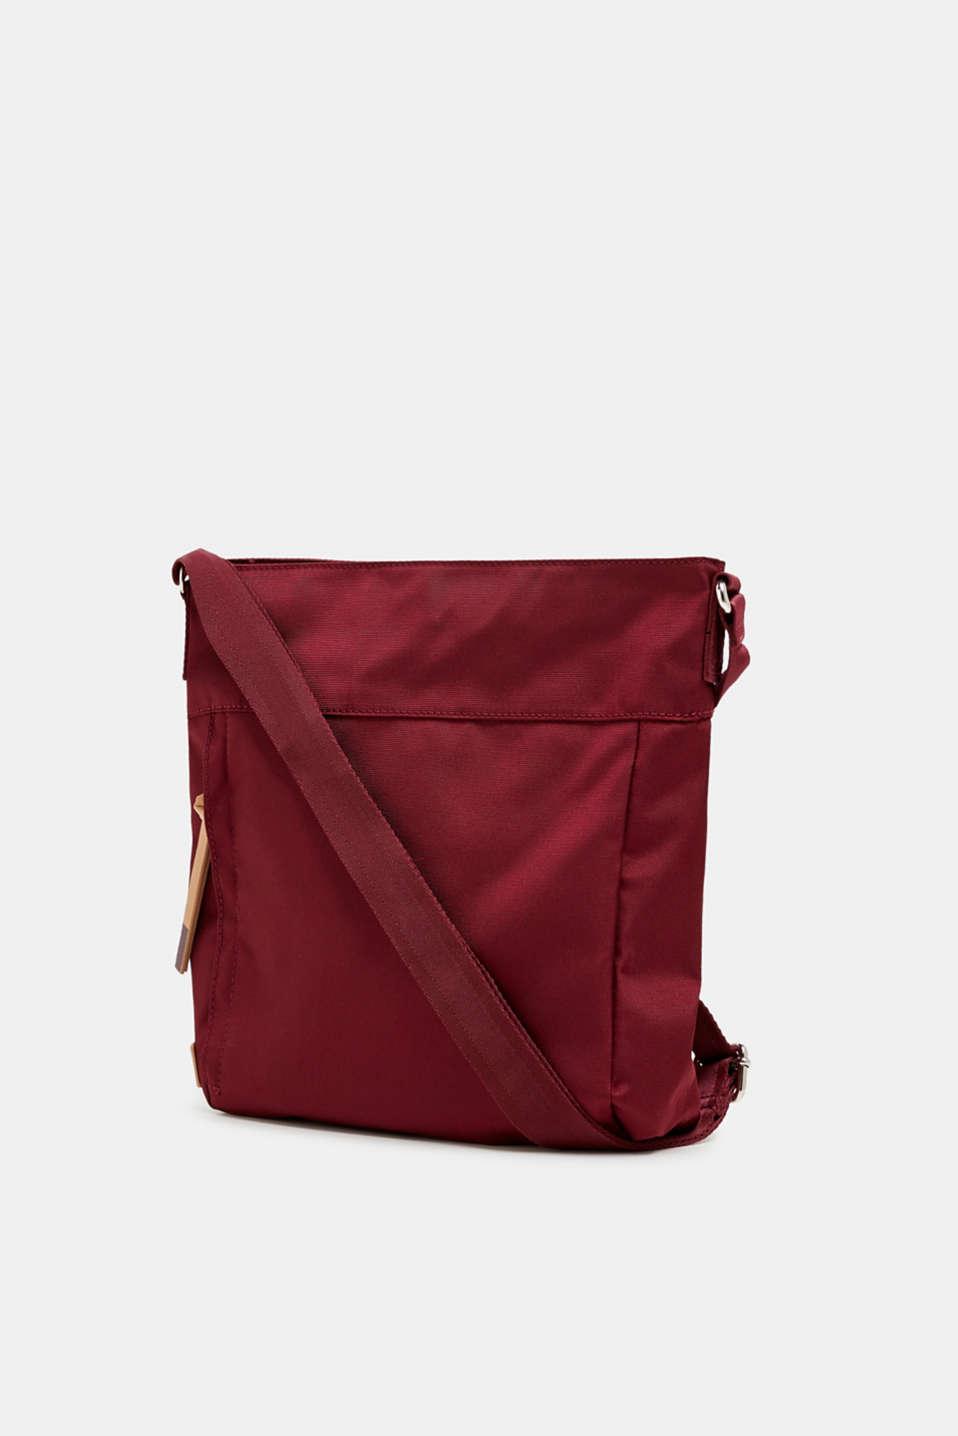 Nylon shoulder bag, BORDEAUX RED, detail image number 2